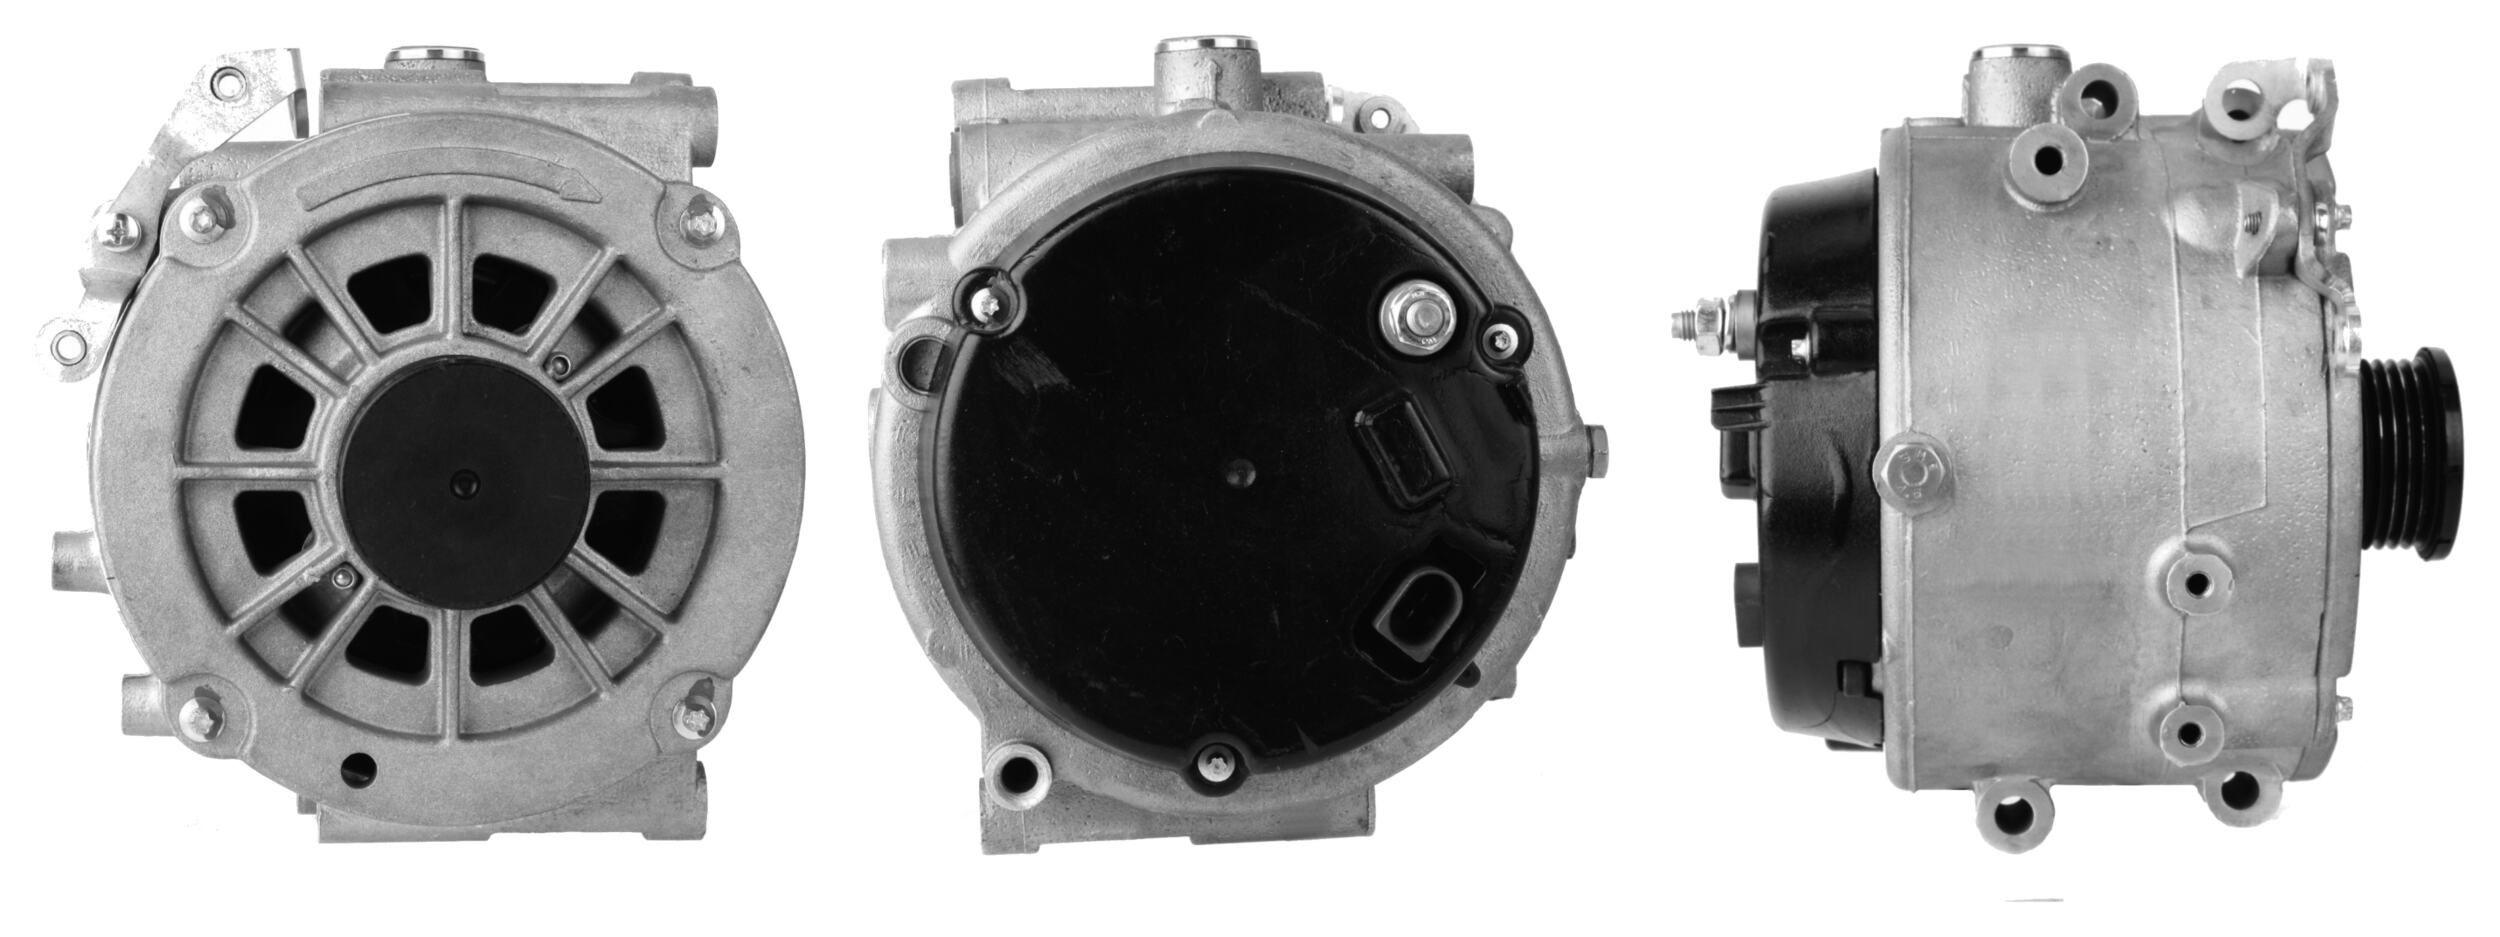 Generador 28-4616 ELSTOCK 28-4616 en calidad original